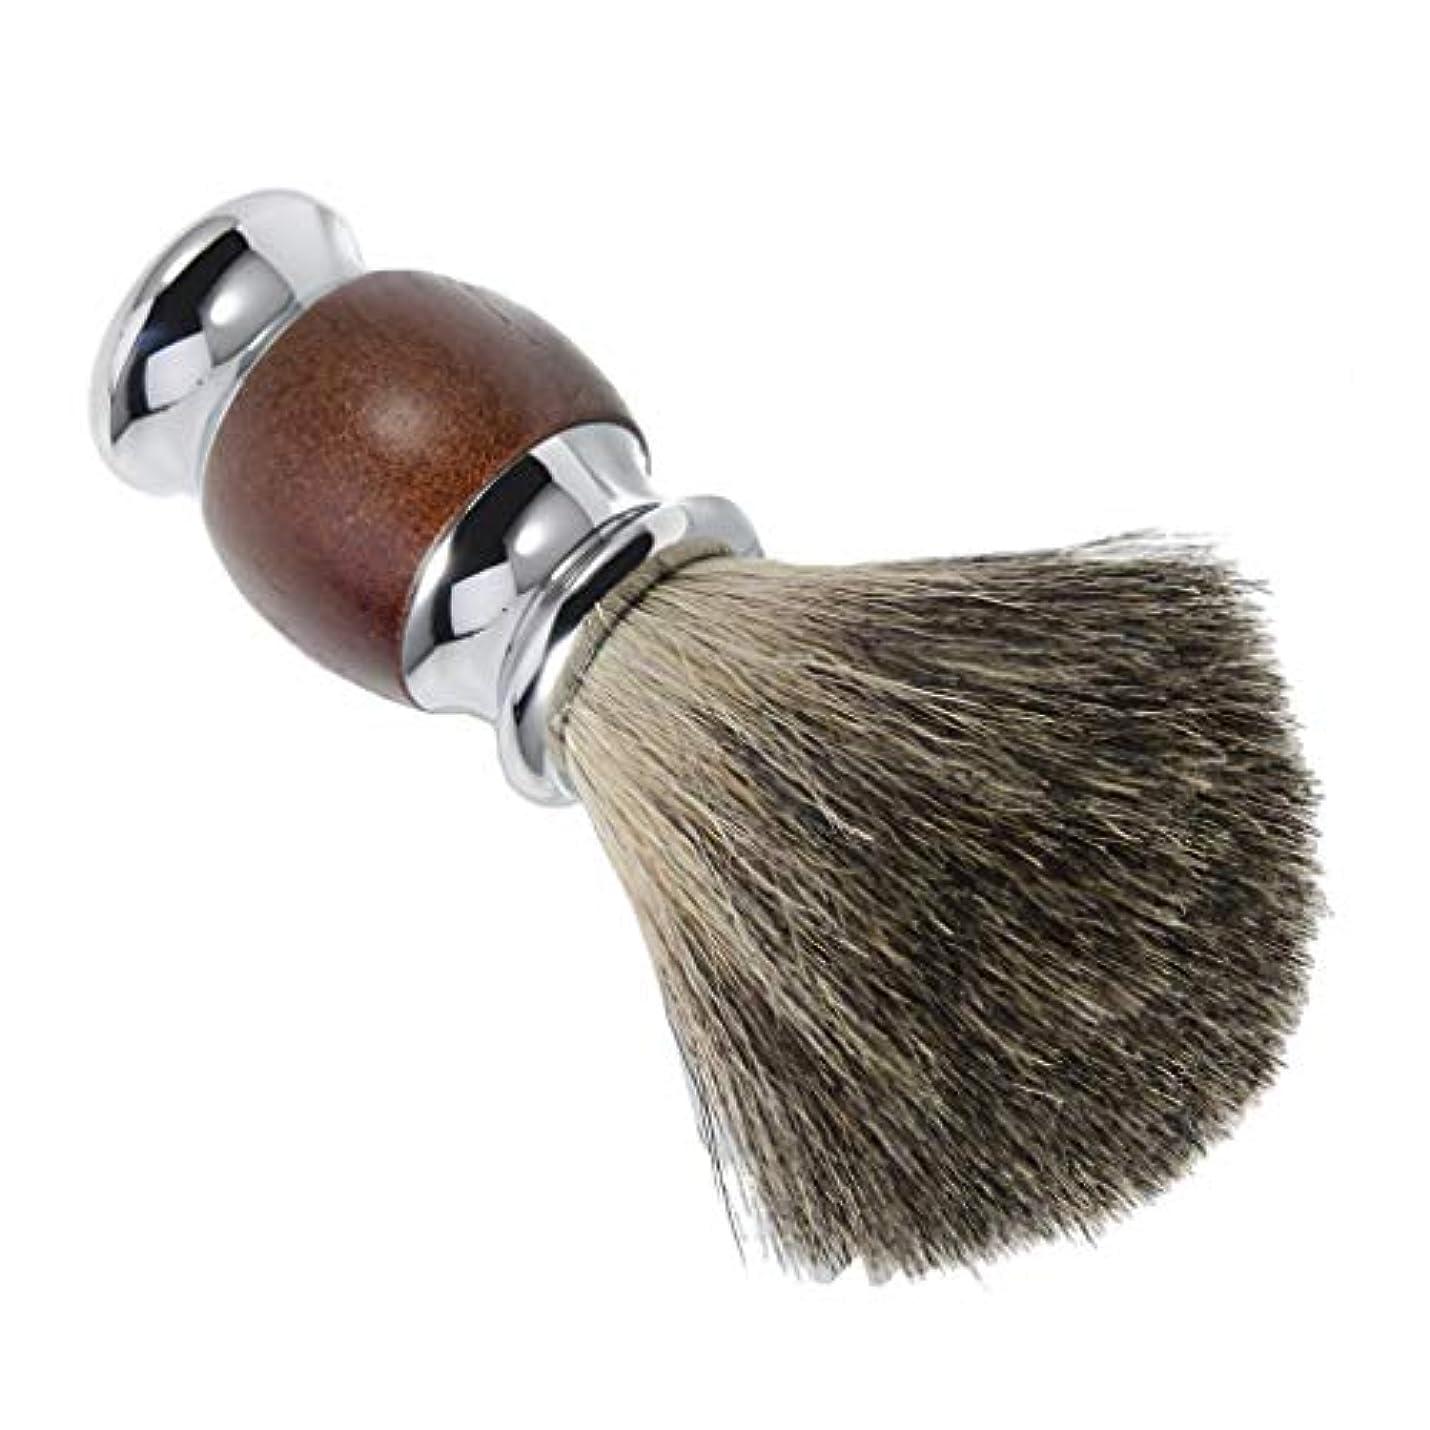 アトラス年再集計P Prettyia シェービング用ブラシ 木製ハンドル メンズ 理容 洗顔 髭剃り 泡立ち 贈り物